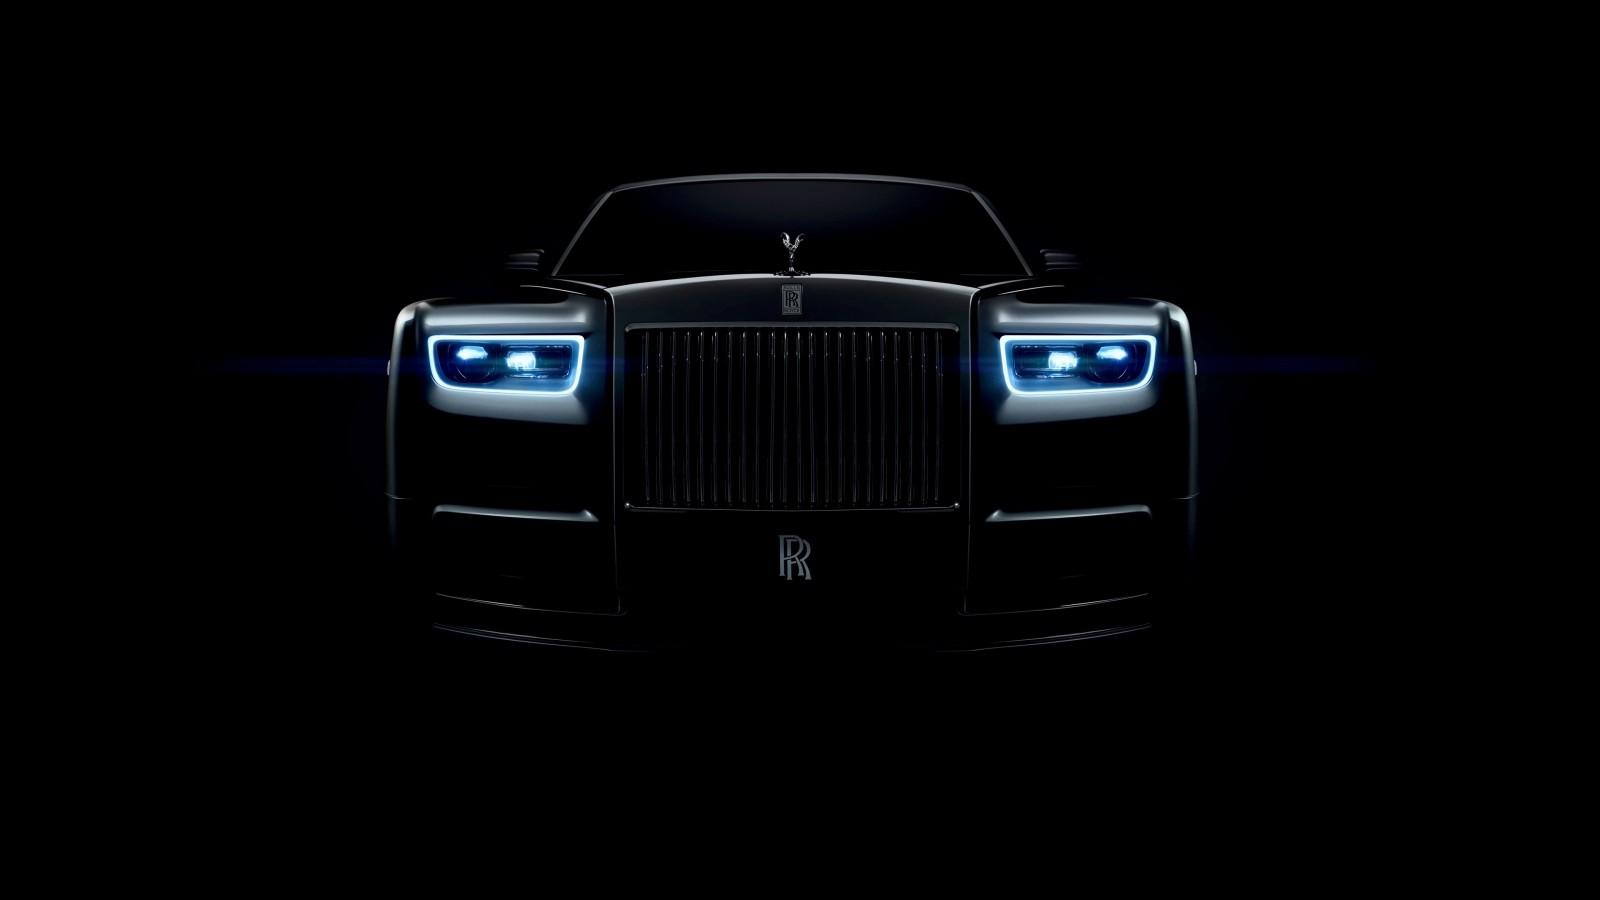 Wallpapers Iphone 4 Cute Rolls Royce Phantom 2018 4k Wallpapers Hd Wallpapers